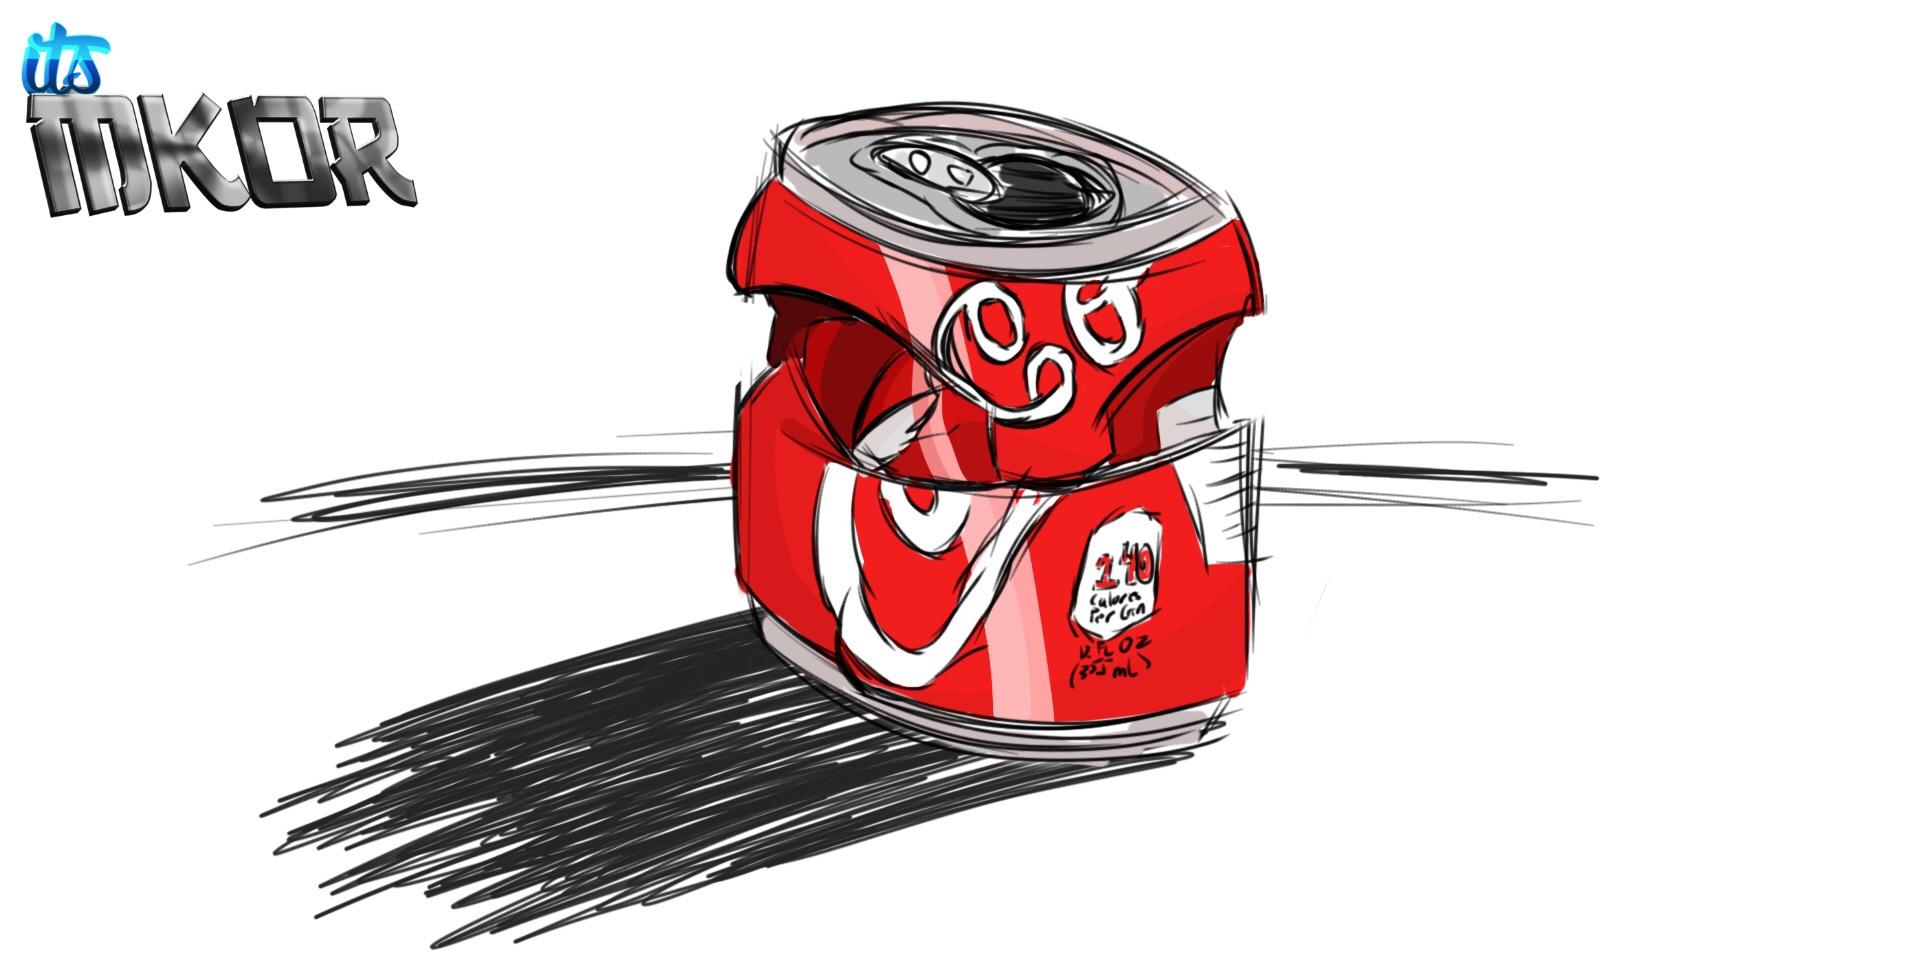 Coca Cola Can [Sketch] - 9/26/15